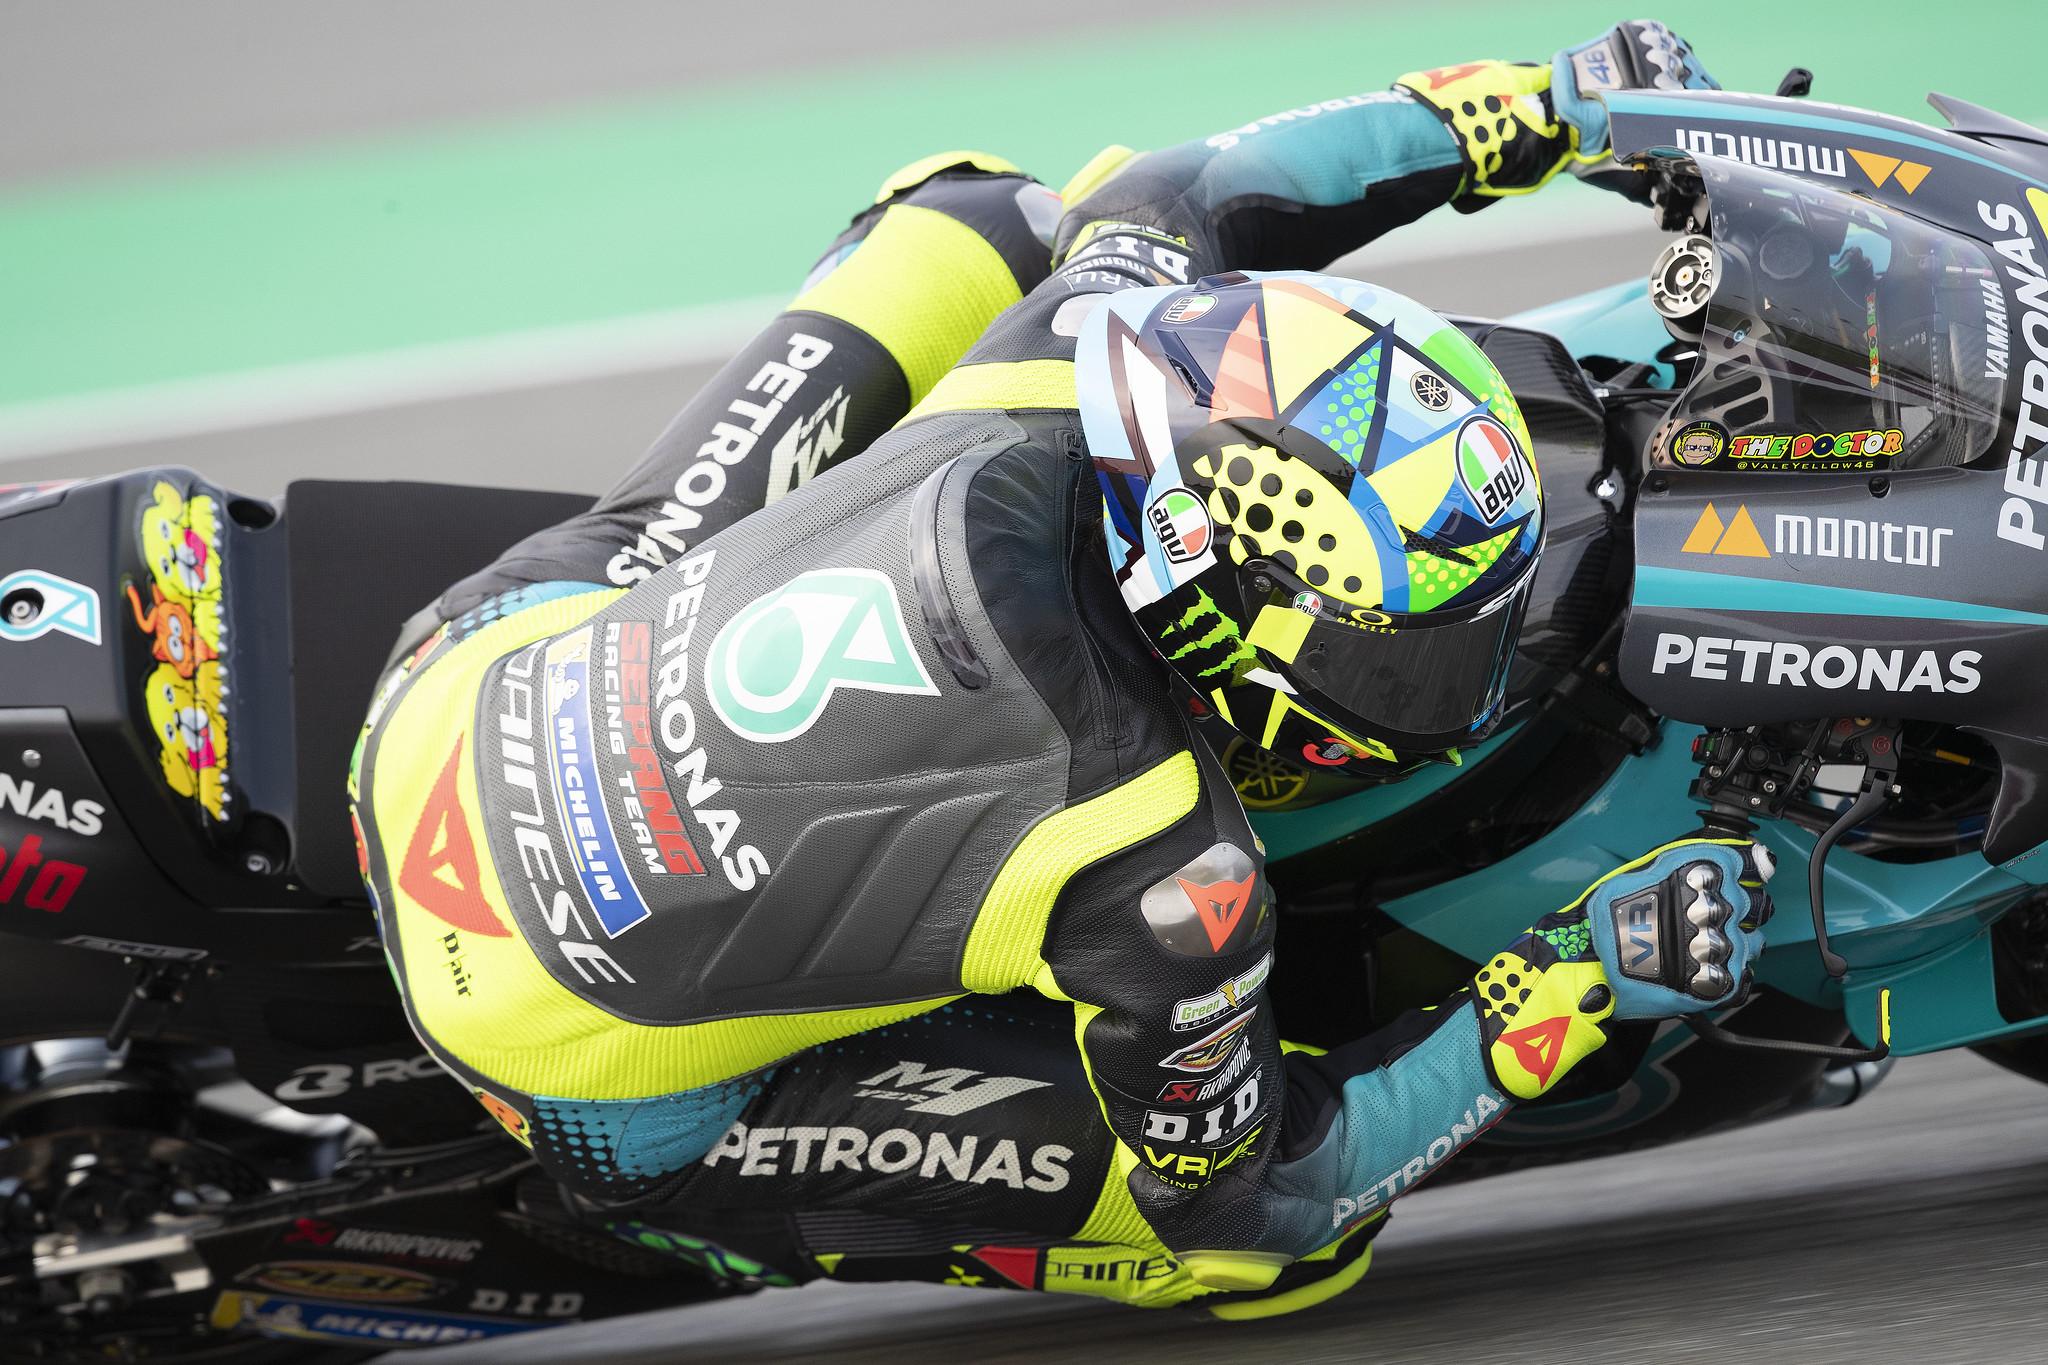 バレンティーノ・ロッシ「前回テストから加速時のトラクションが改善した」